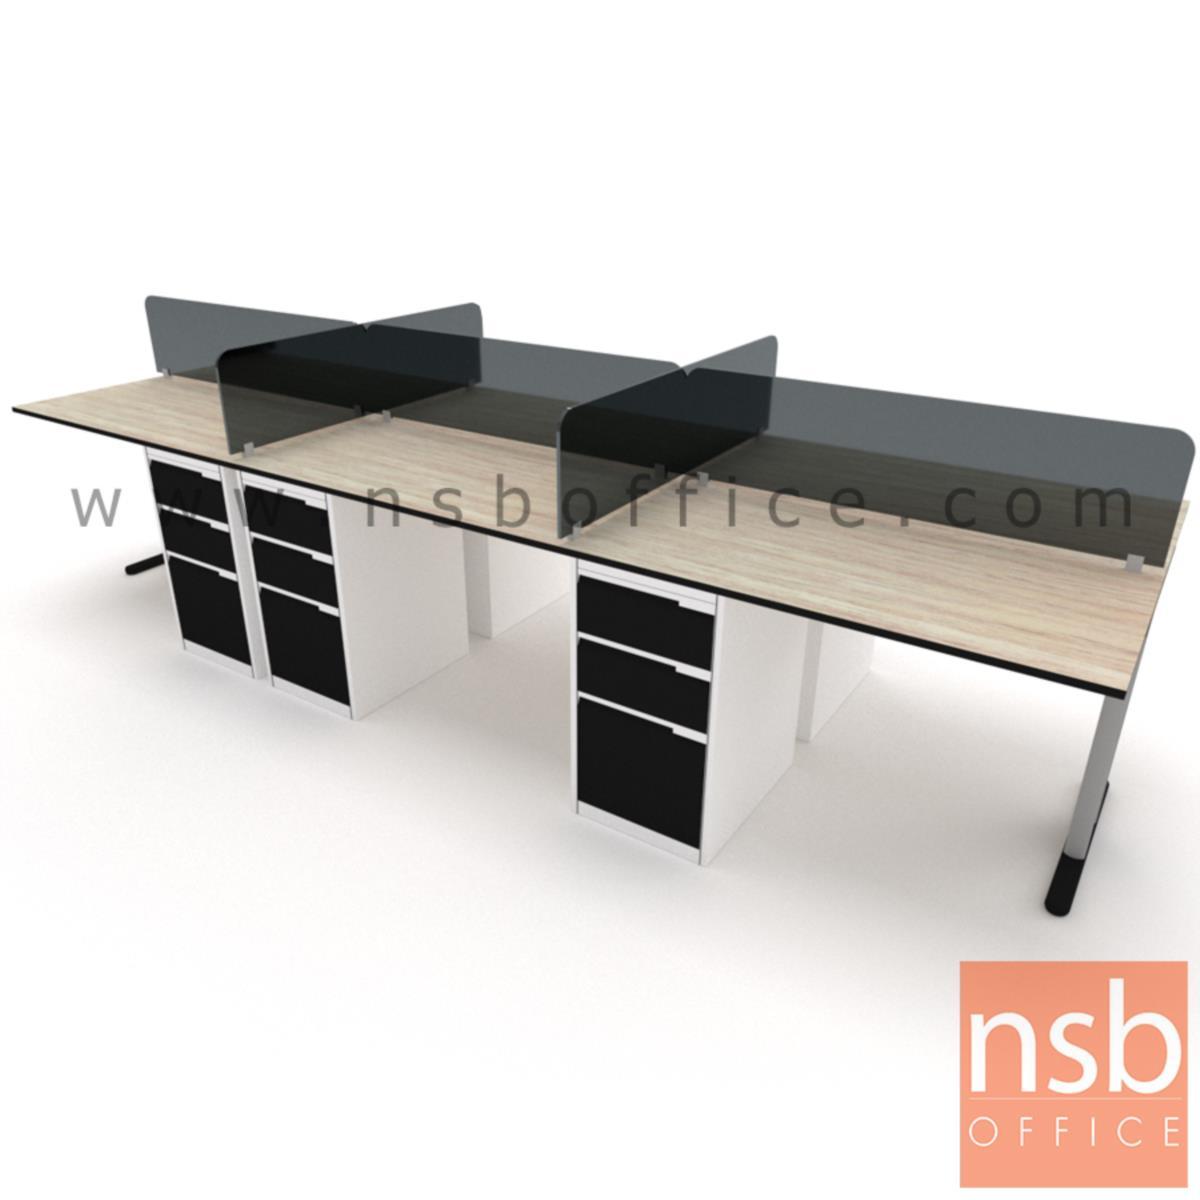 ชุดโต๊ะทำงานกลุ่ม 6 ที่นั่ง  รุ่น WS026G ขนาด 360W ,480W cm. พร้อมมินิสกรีนกระจกและตู้ 3 ลิ้นชักเหล็ก  ขาเหล็ก